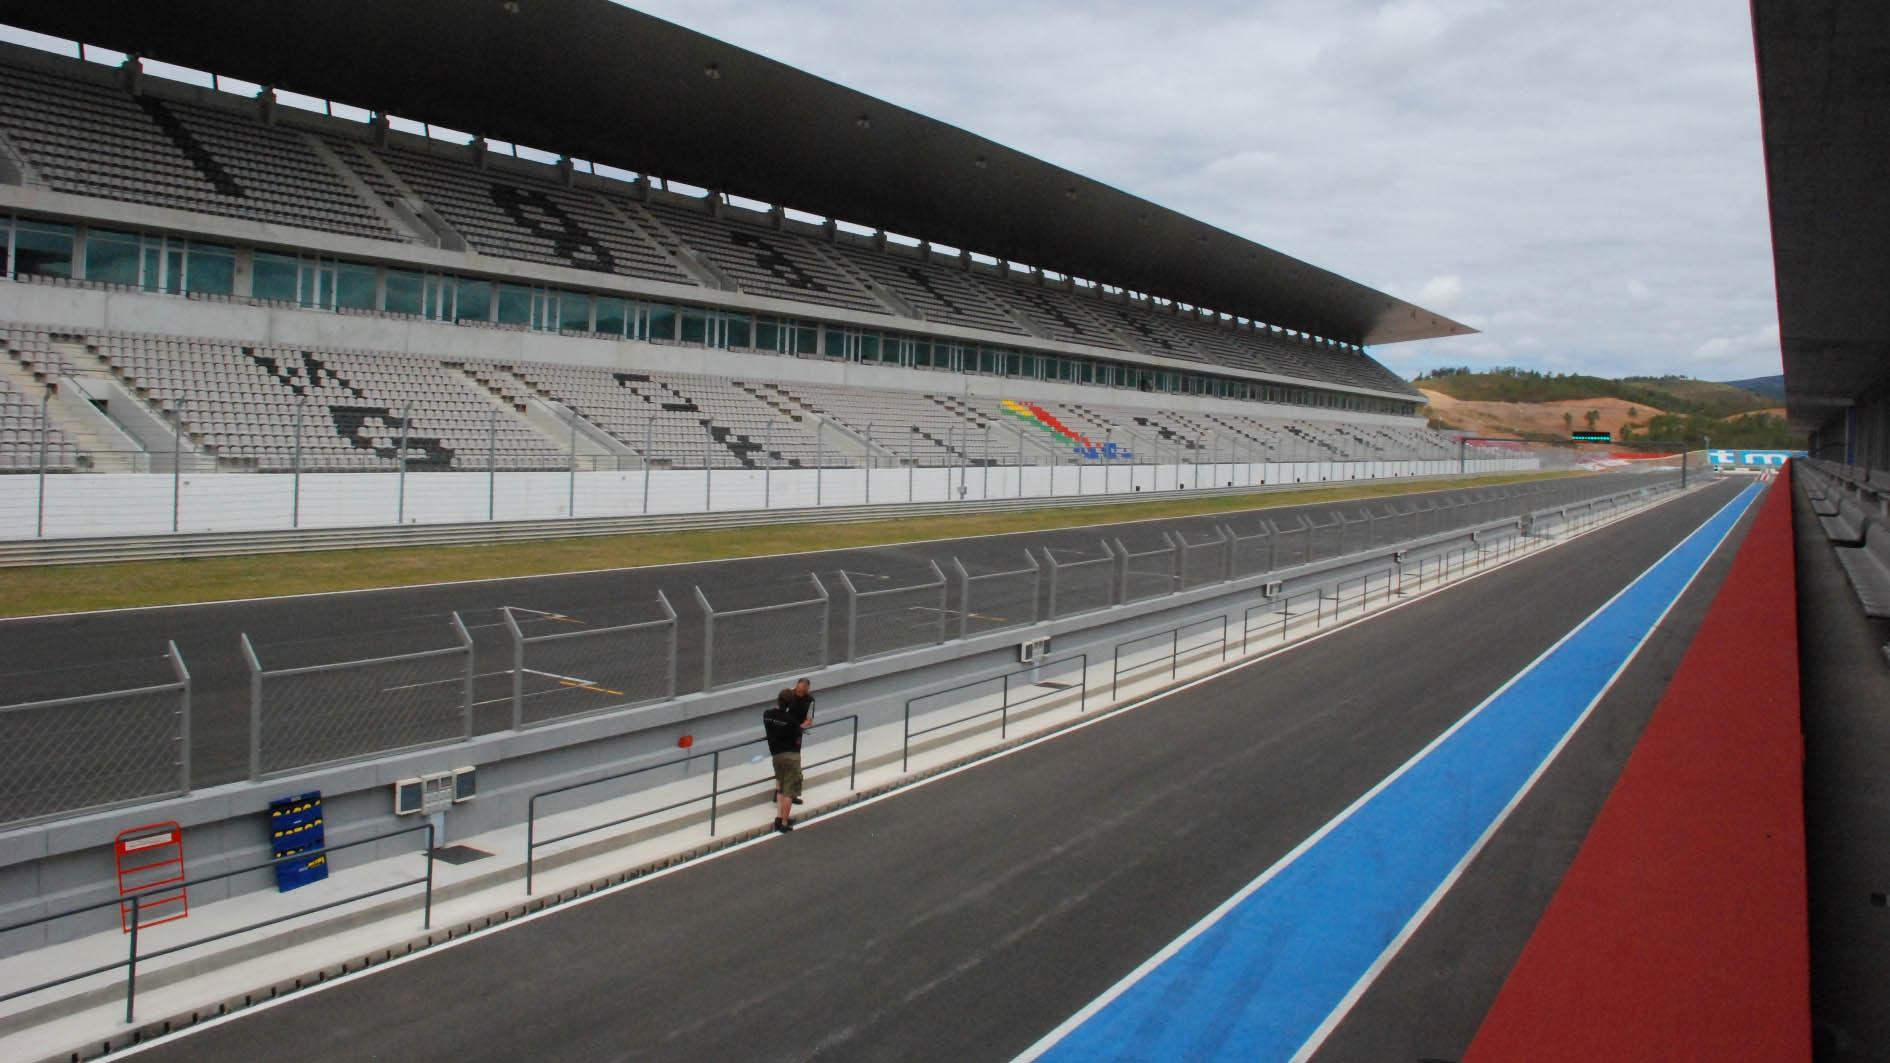 Circuito Algarve : Autódromo internacional do algarve agenda faro oguia guia da